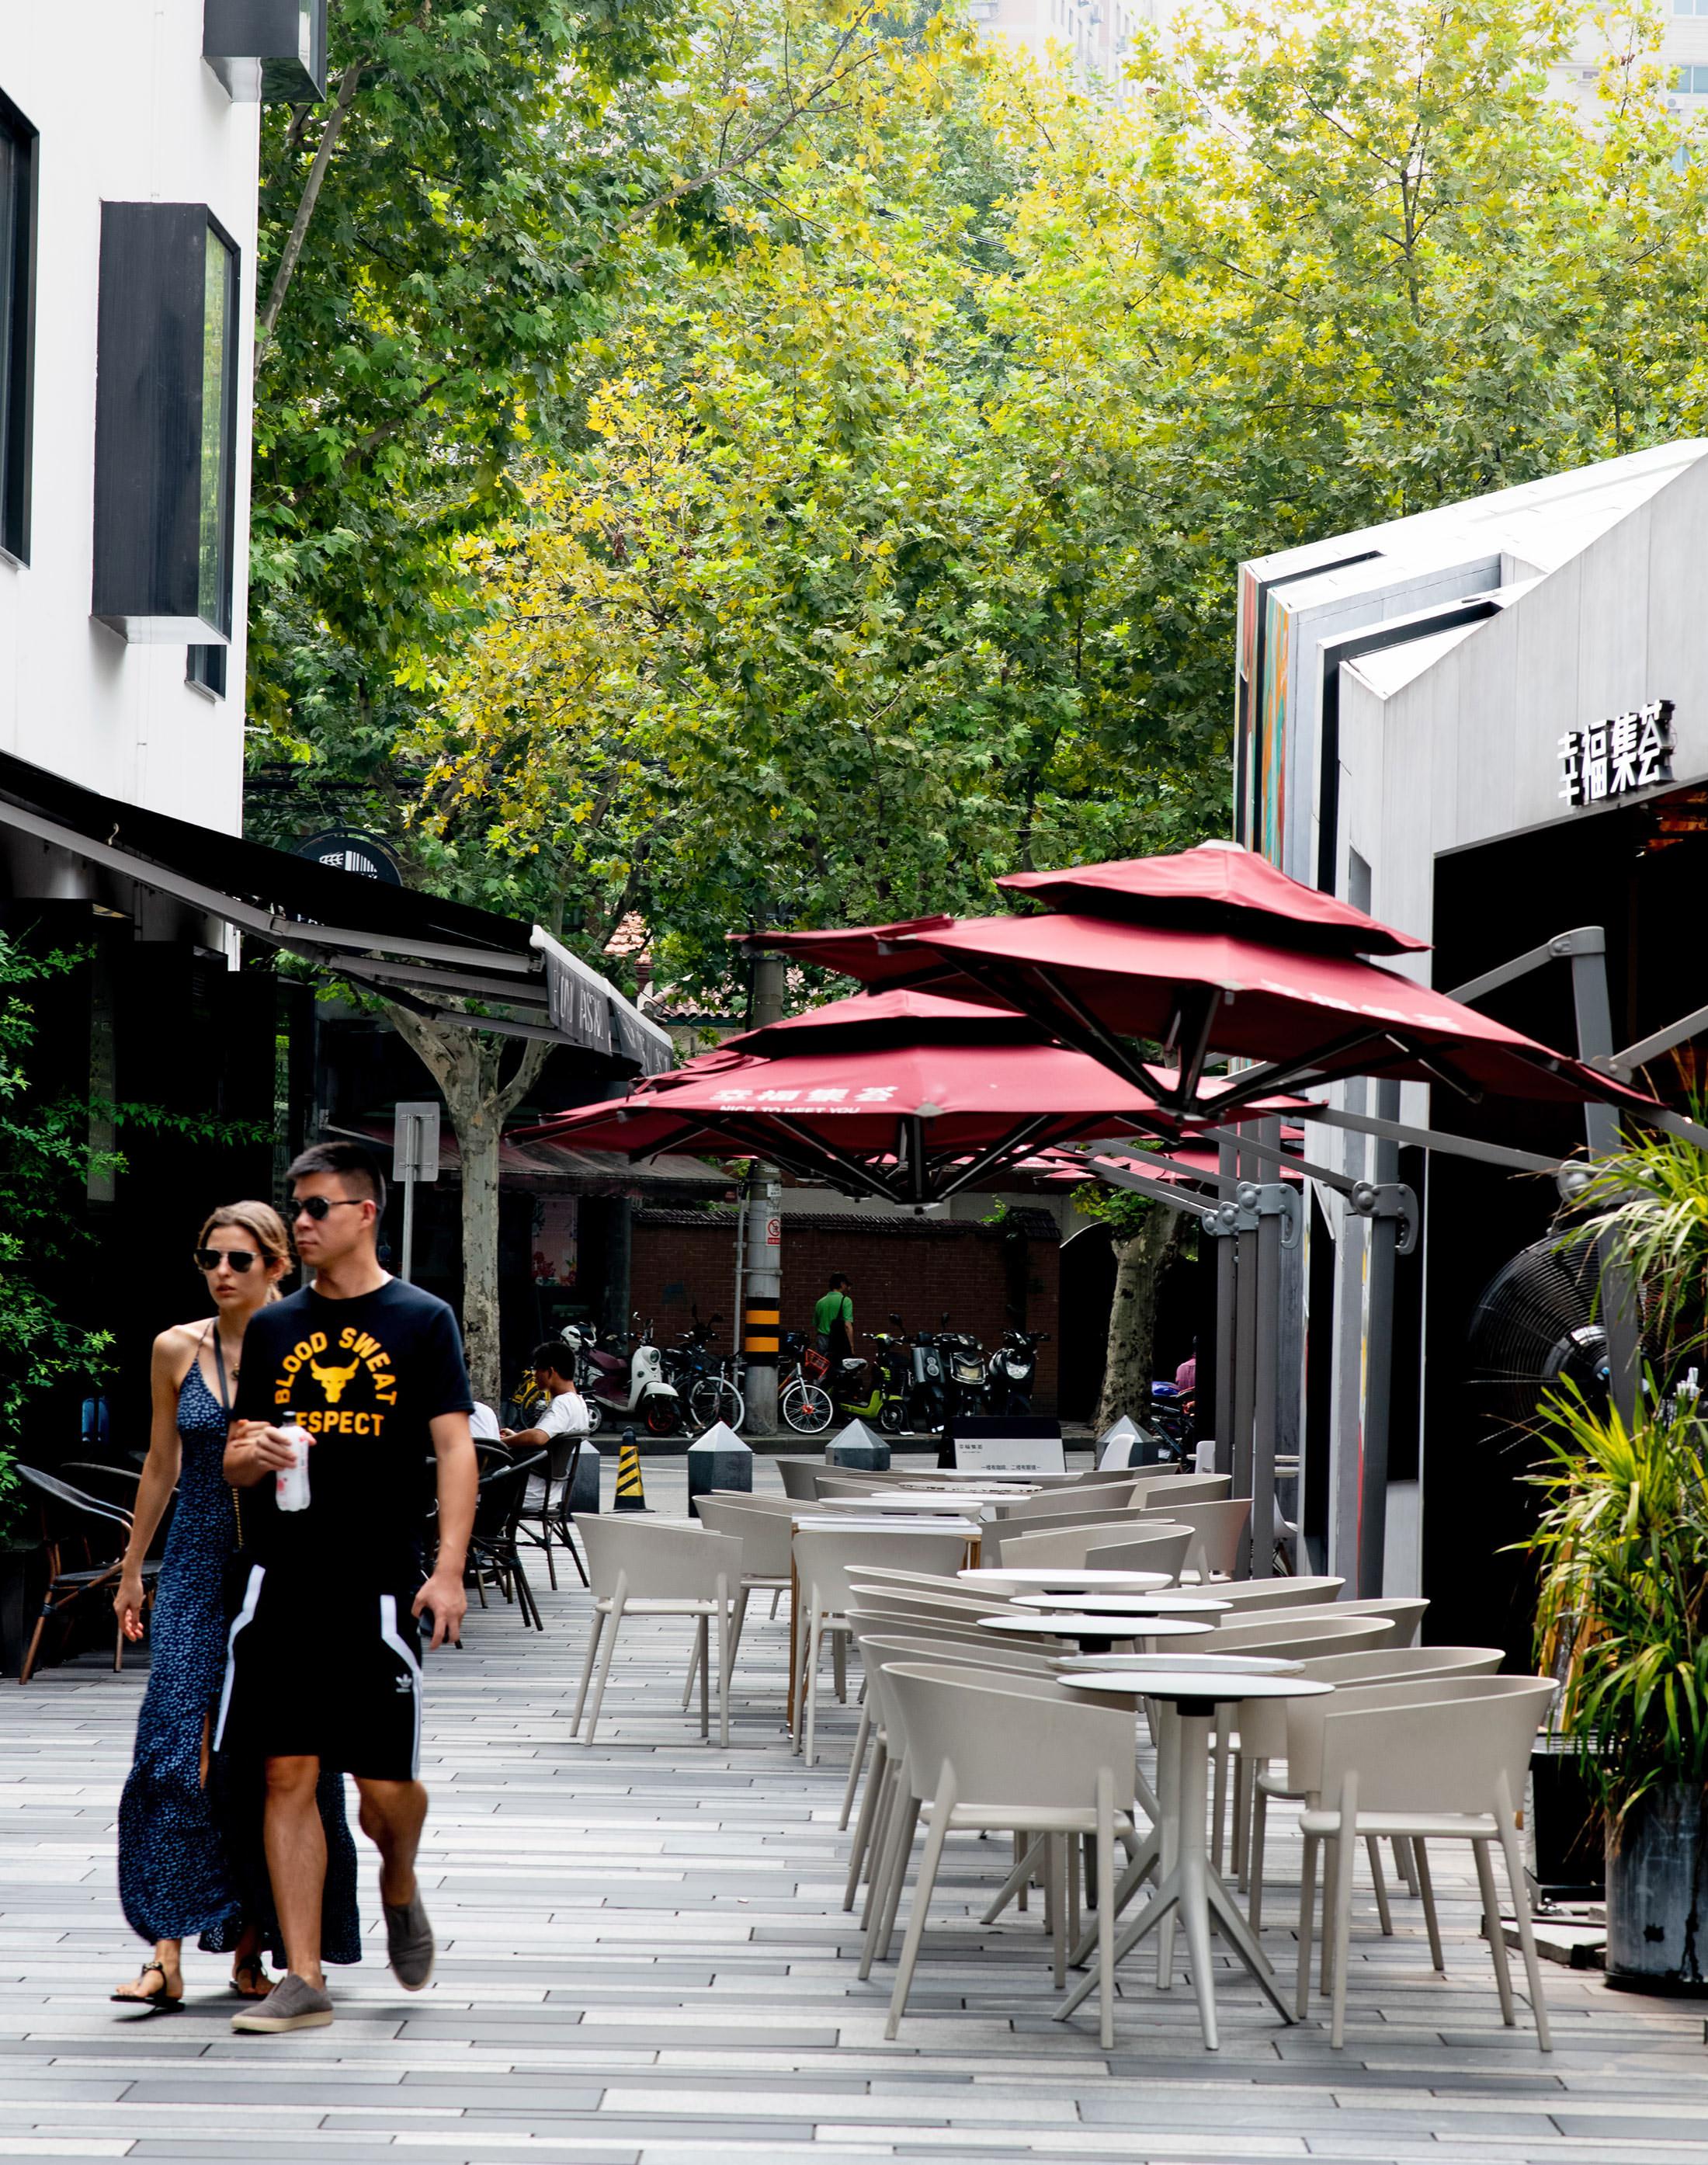 panyu street shanghai